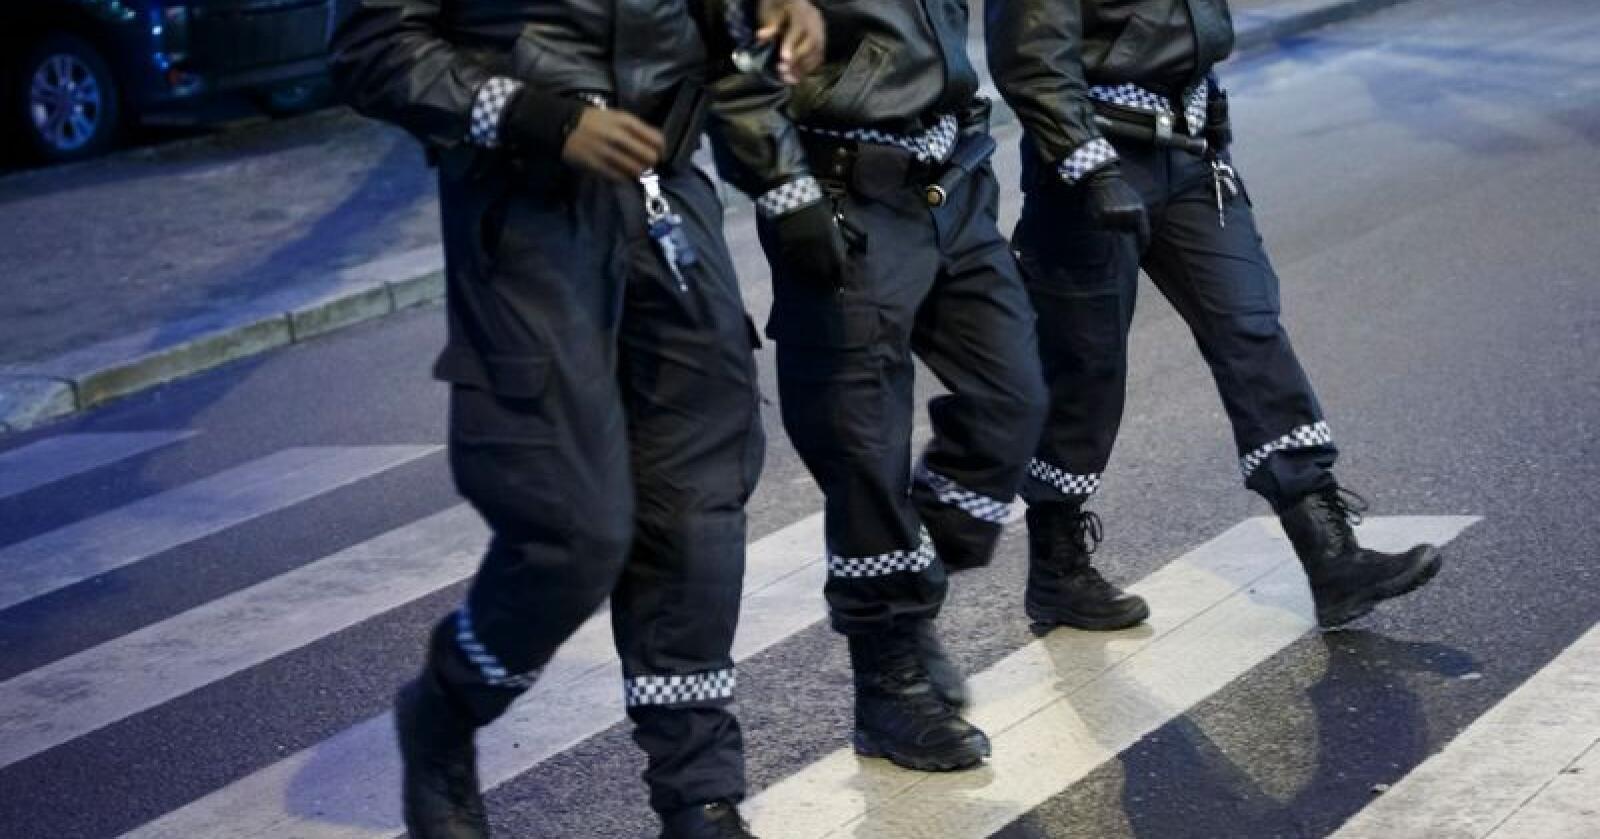 Politiet har flere titalls ubesatte stillinger. Politidirektoratet erkjenner at noen distrikter henger etter når det gjelder oppbemanningen. Foto: Heiko Junge / NTB scanpix